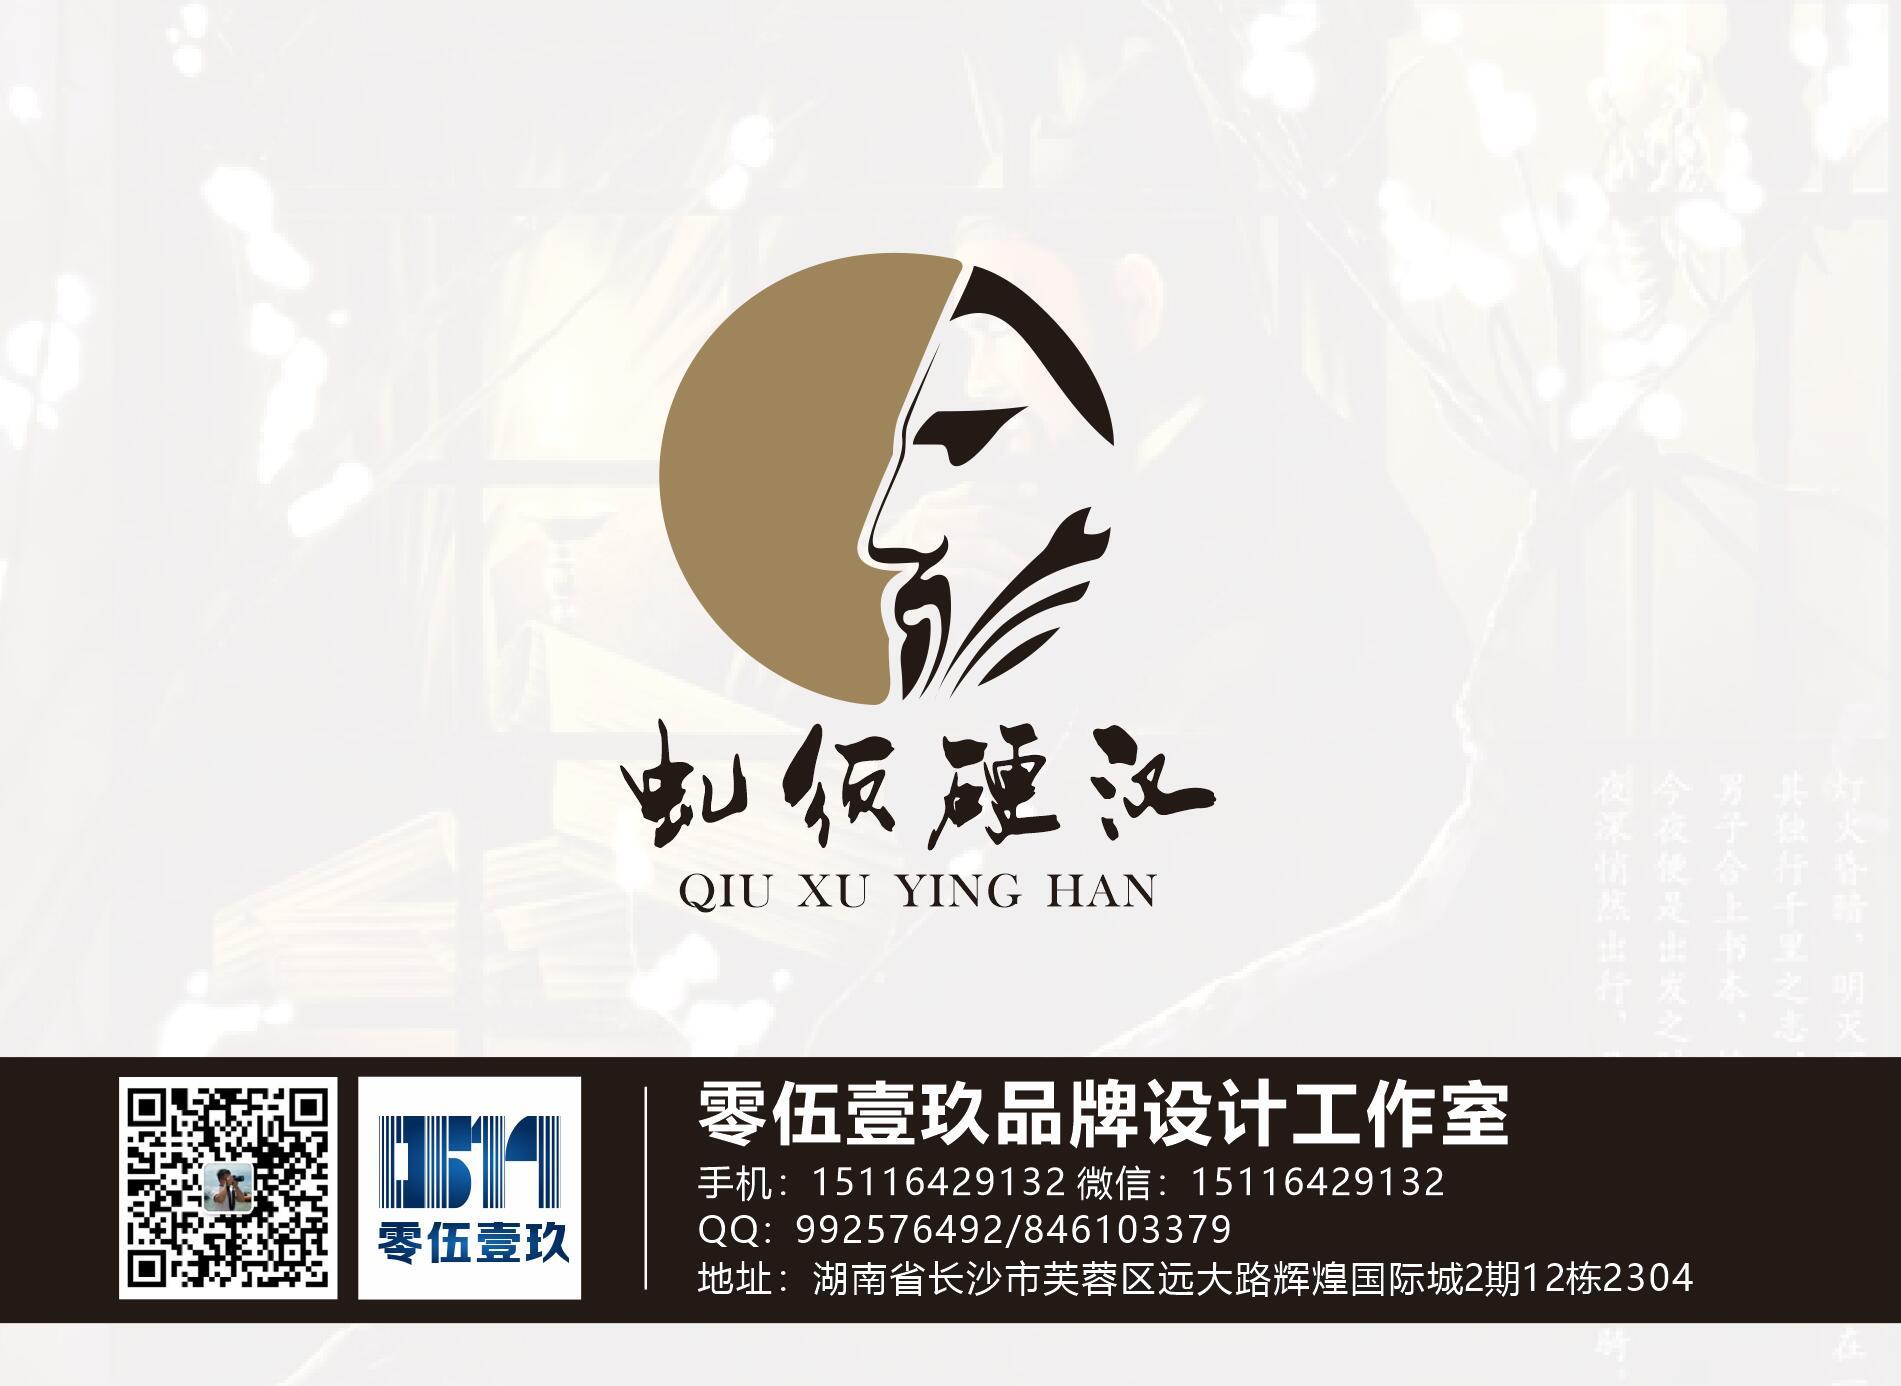 酒类品牌logo设计